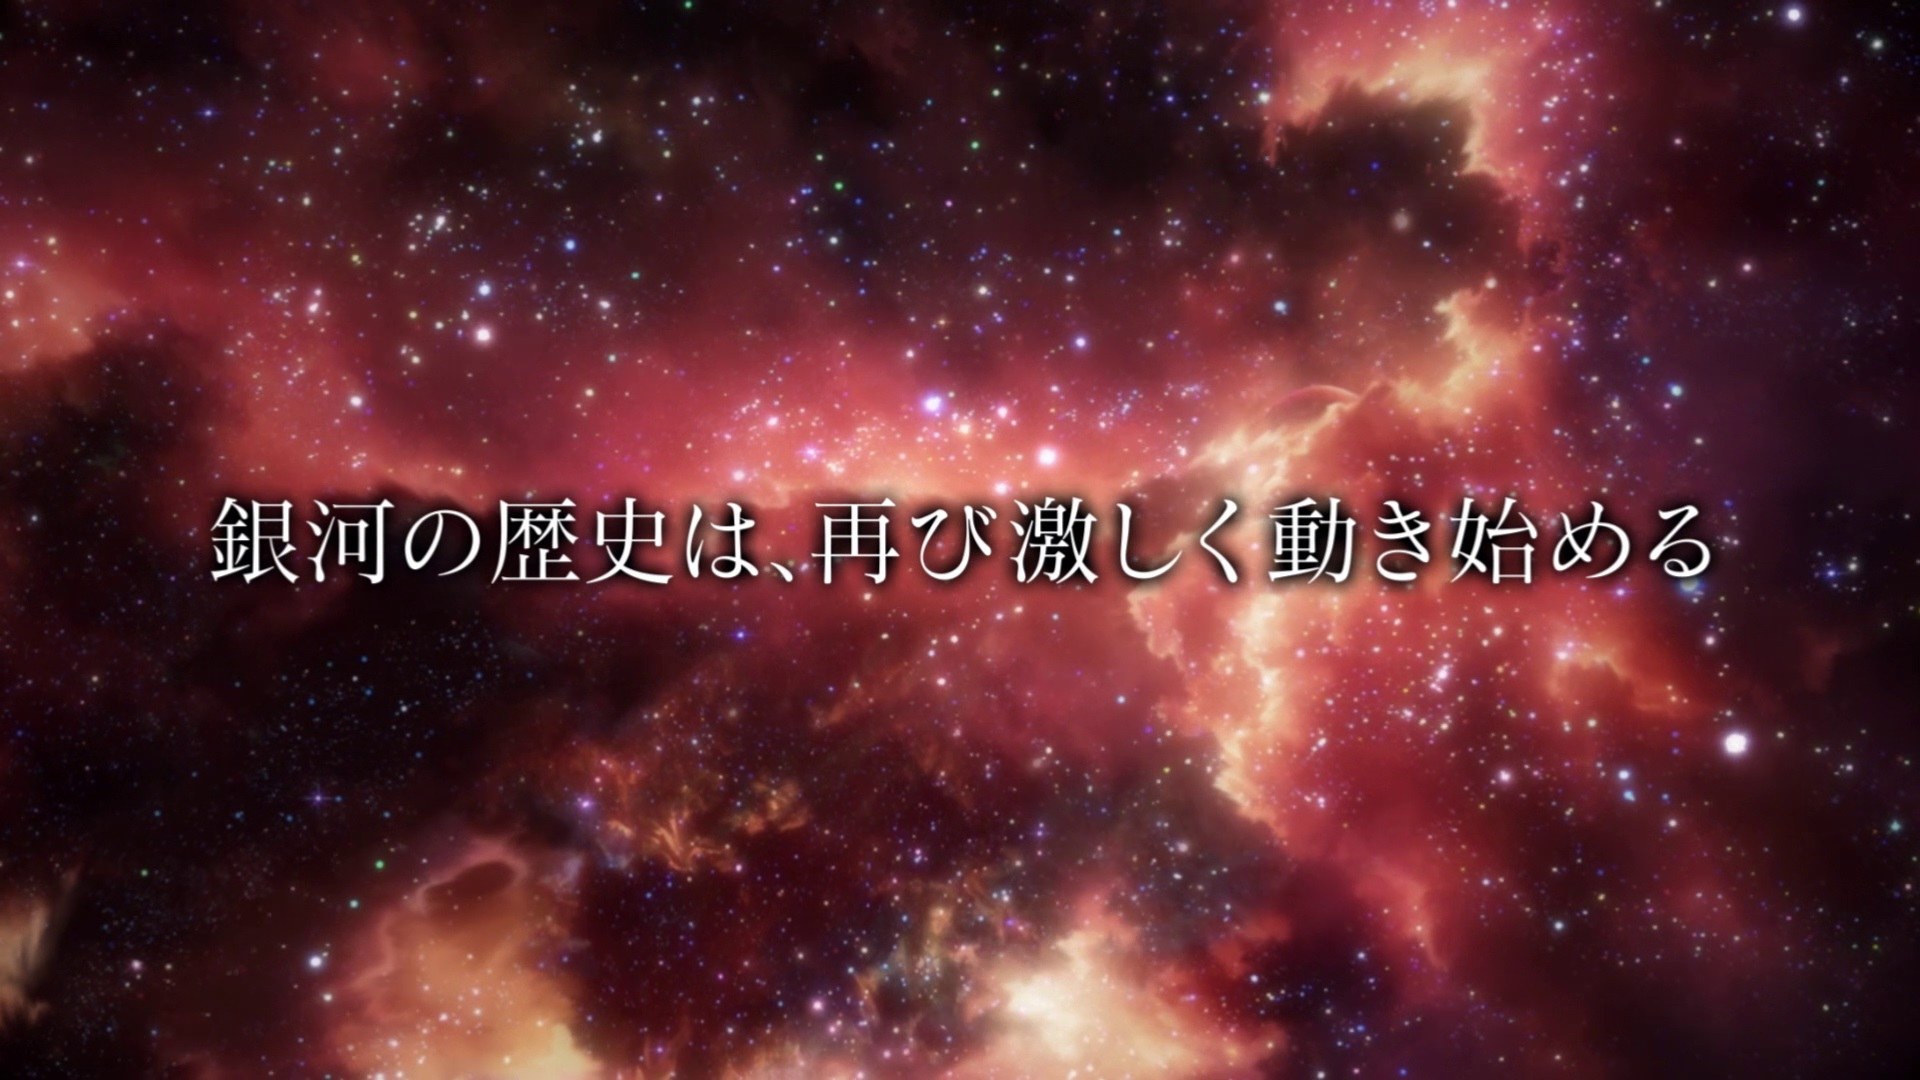 「銀河英雄伝説 DNT」続編全24話が制作決定!続編をあらわすフレーズが収録された超特報PV公開